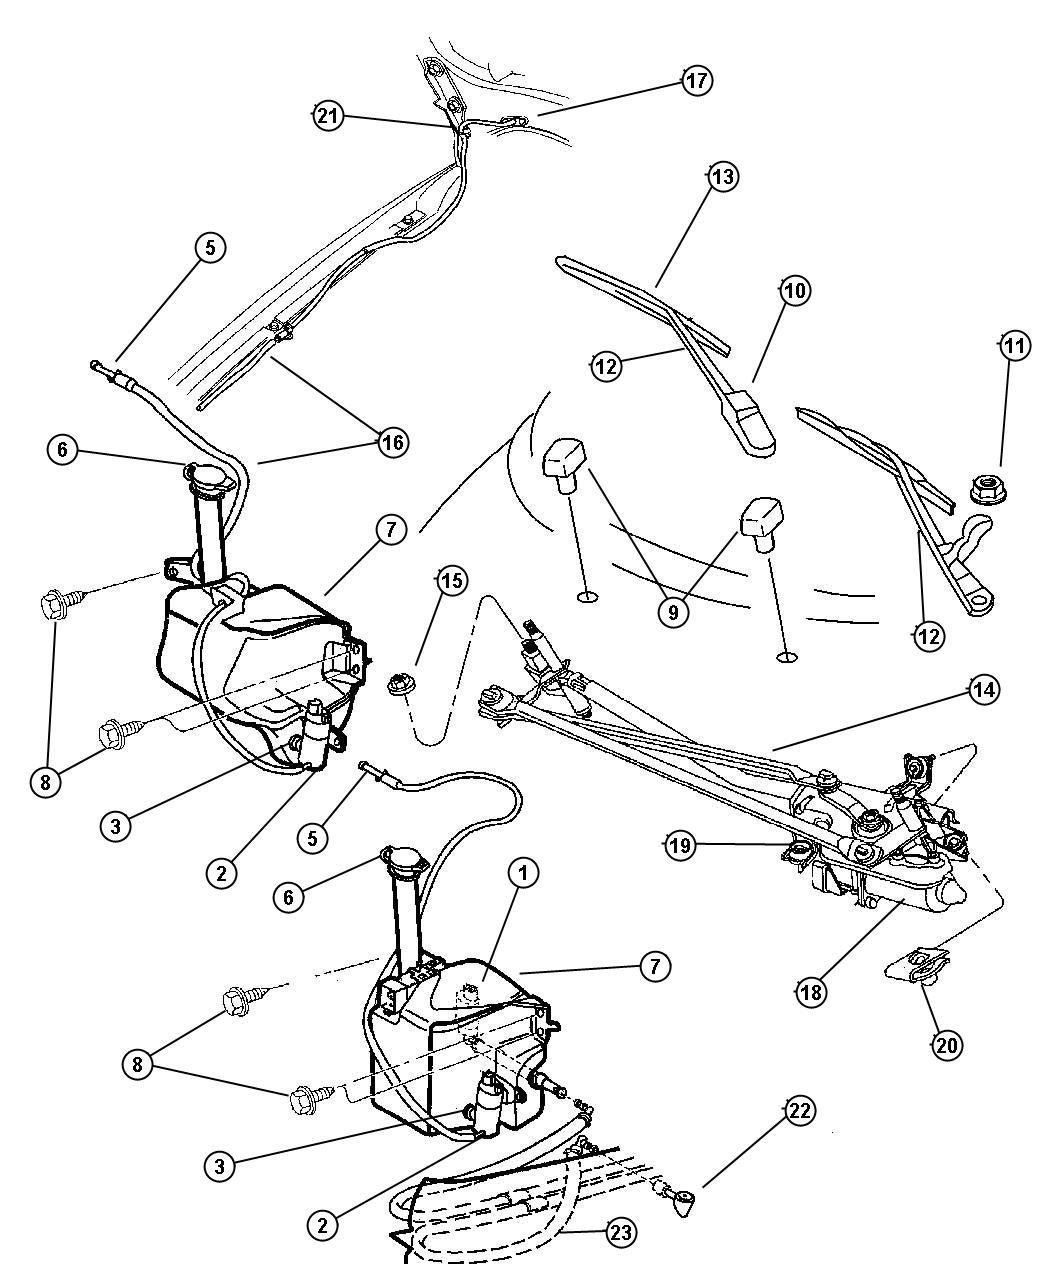 Chrysler Sebring Nozzle Windshield Washer Up To 12 17 04